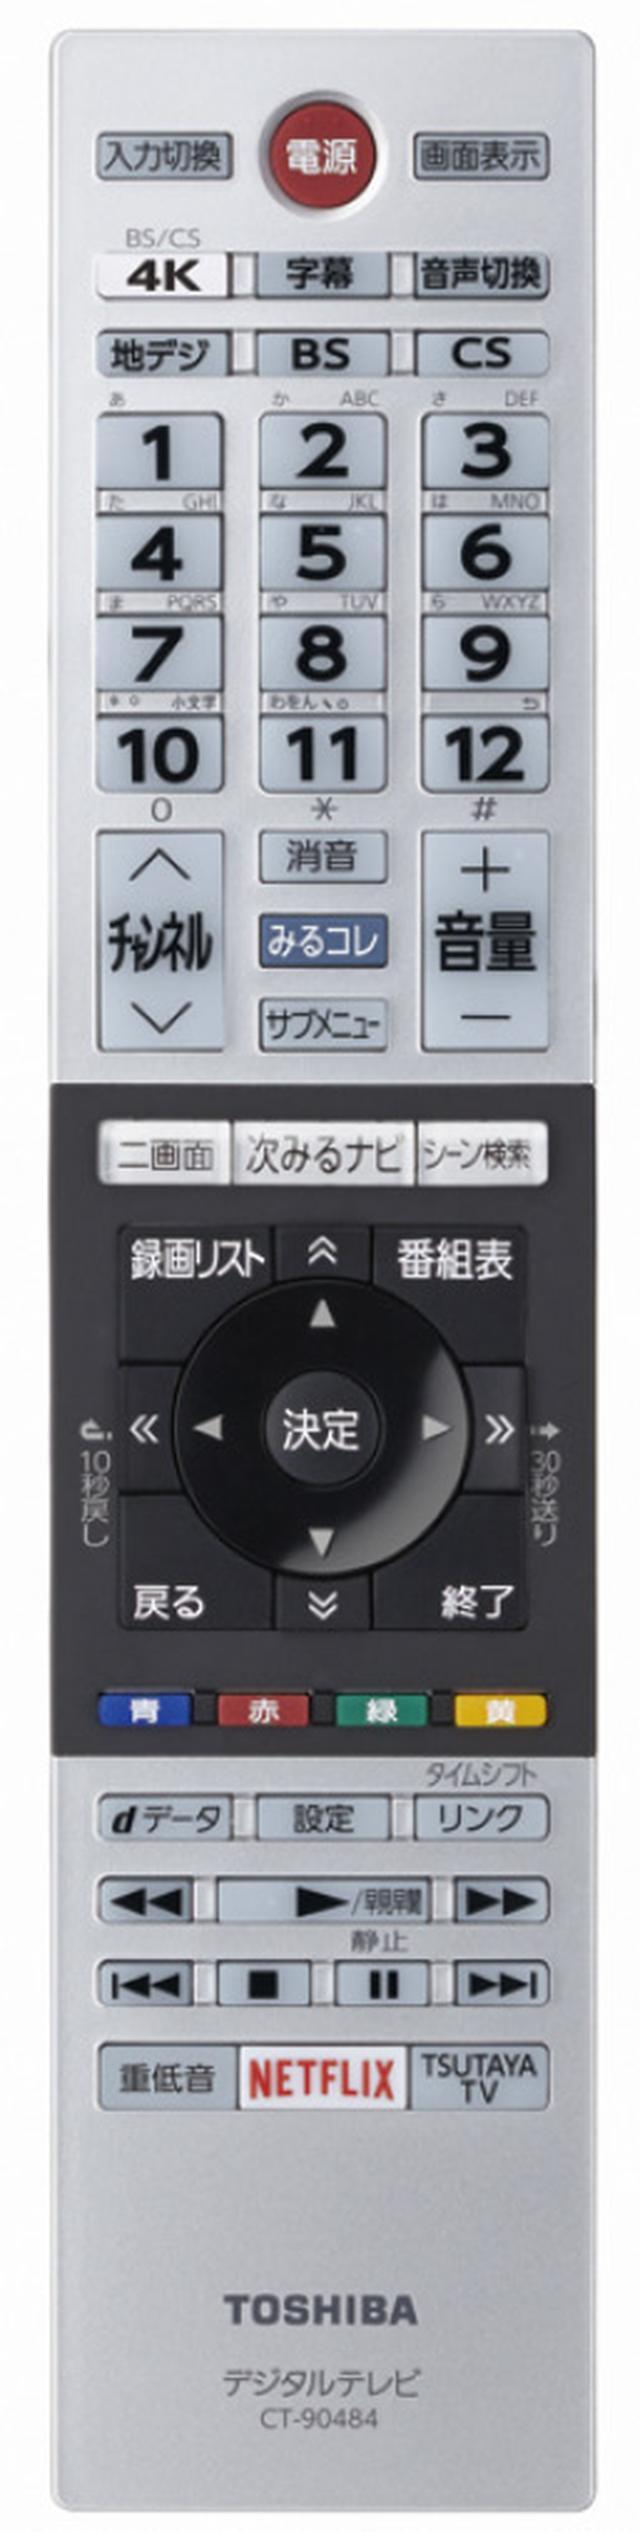 画像: 中央部にタイムシフトマシン関連のボタンを集約させ、使い勝手を向上。チャンネル切り替え時の反応も素早い。